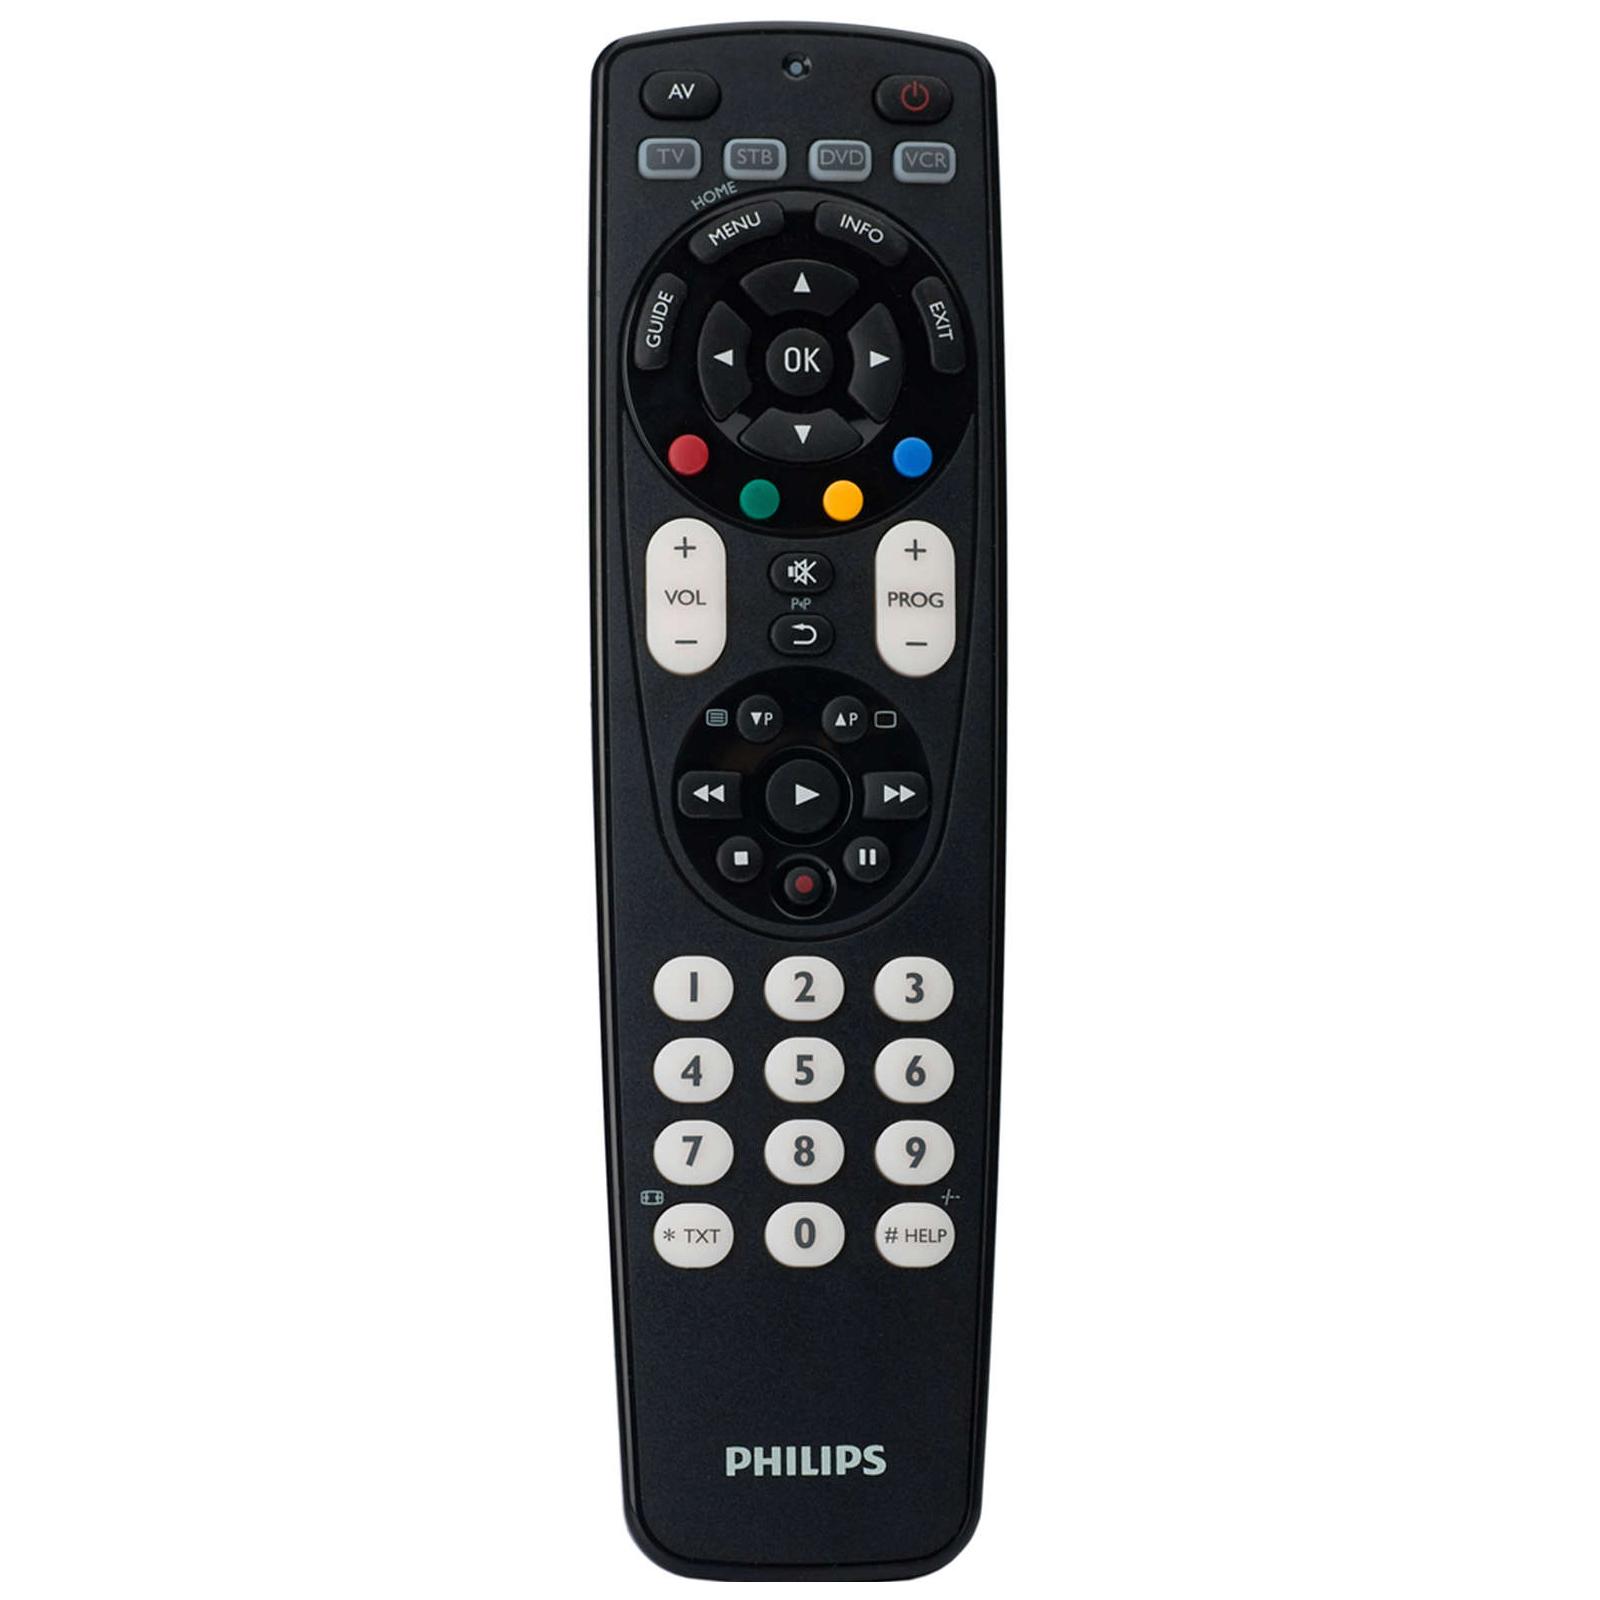 Пульт ДУ для телевизора PHILIPS SRP4004 (SRP4004/53)